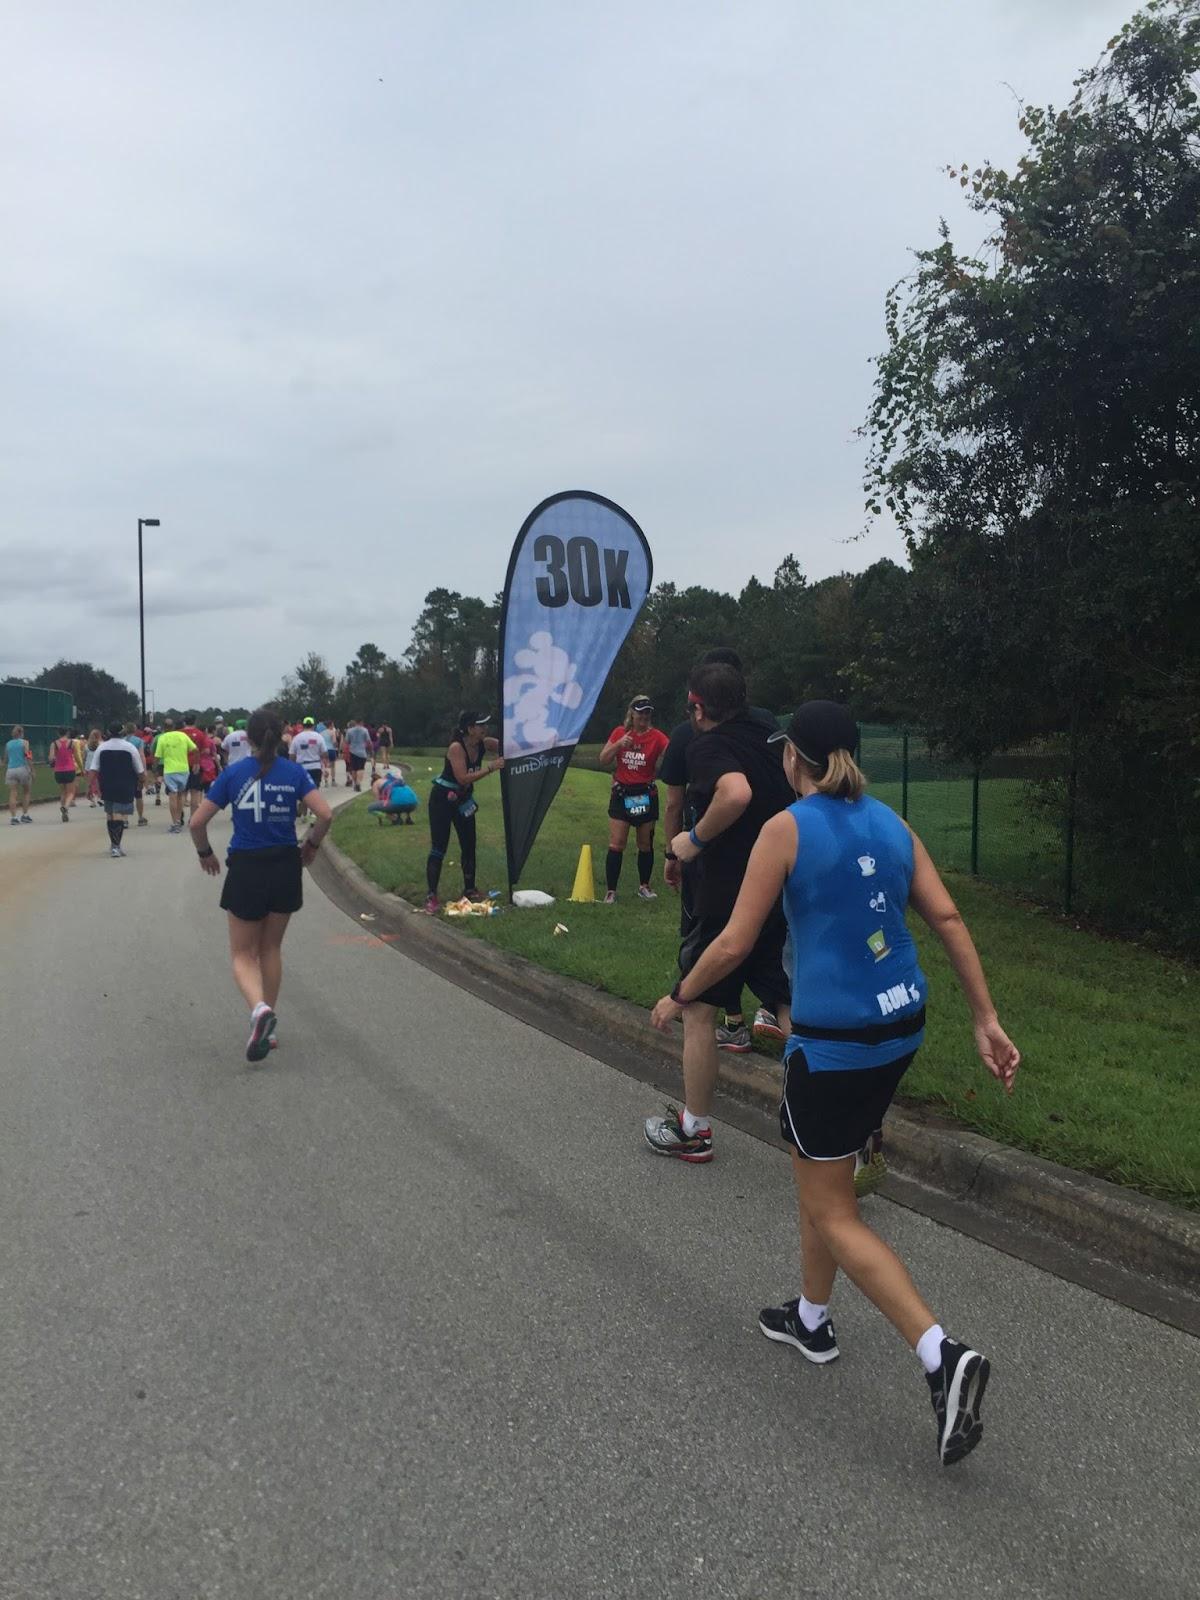 Dopey Challenge Mickey Marathon 2016 30k mark